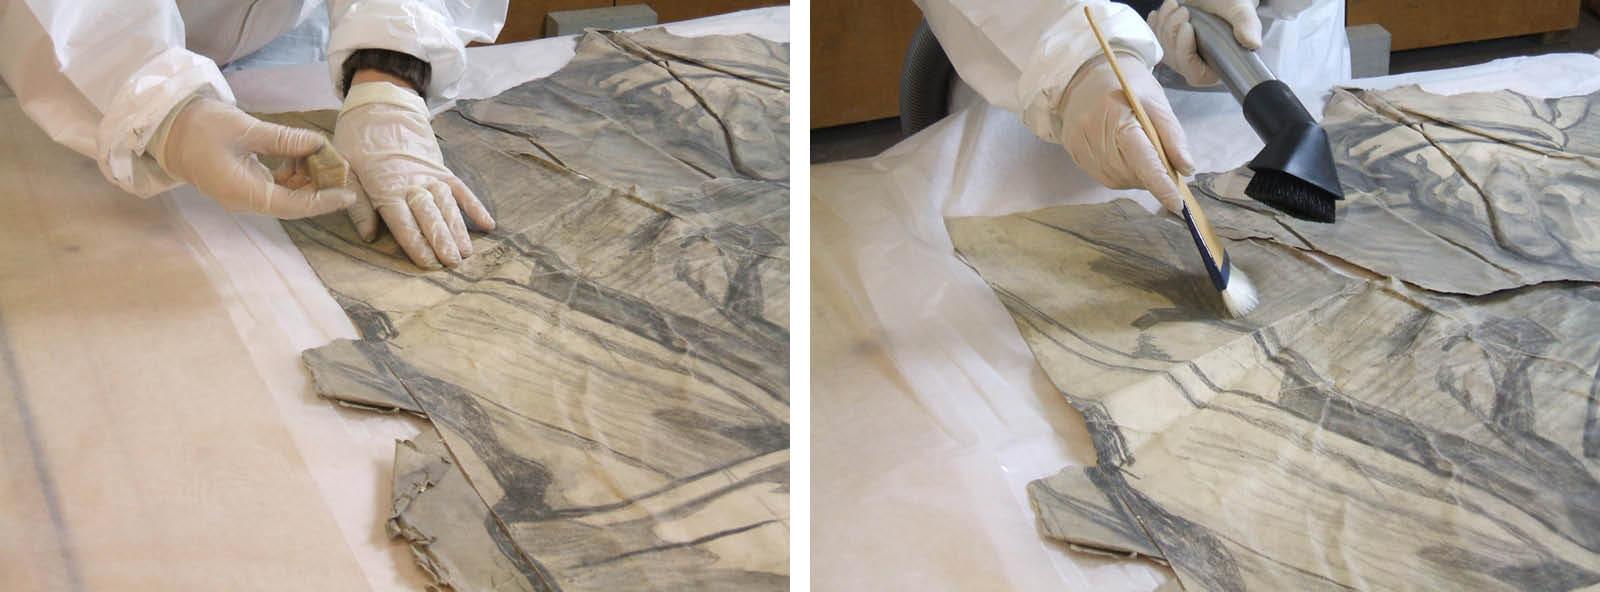 Reinigung mit Latexschwamm, anschließend absaugen des Staubes und der Radierkrümel. Fragment des Kartons zum Deckenmosaik des Lucas (Fotos: Silke Schröder)